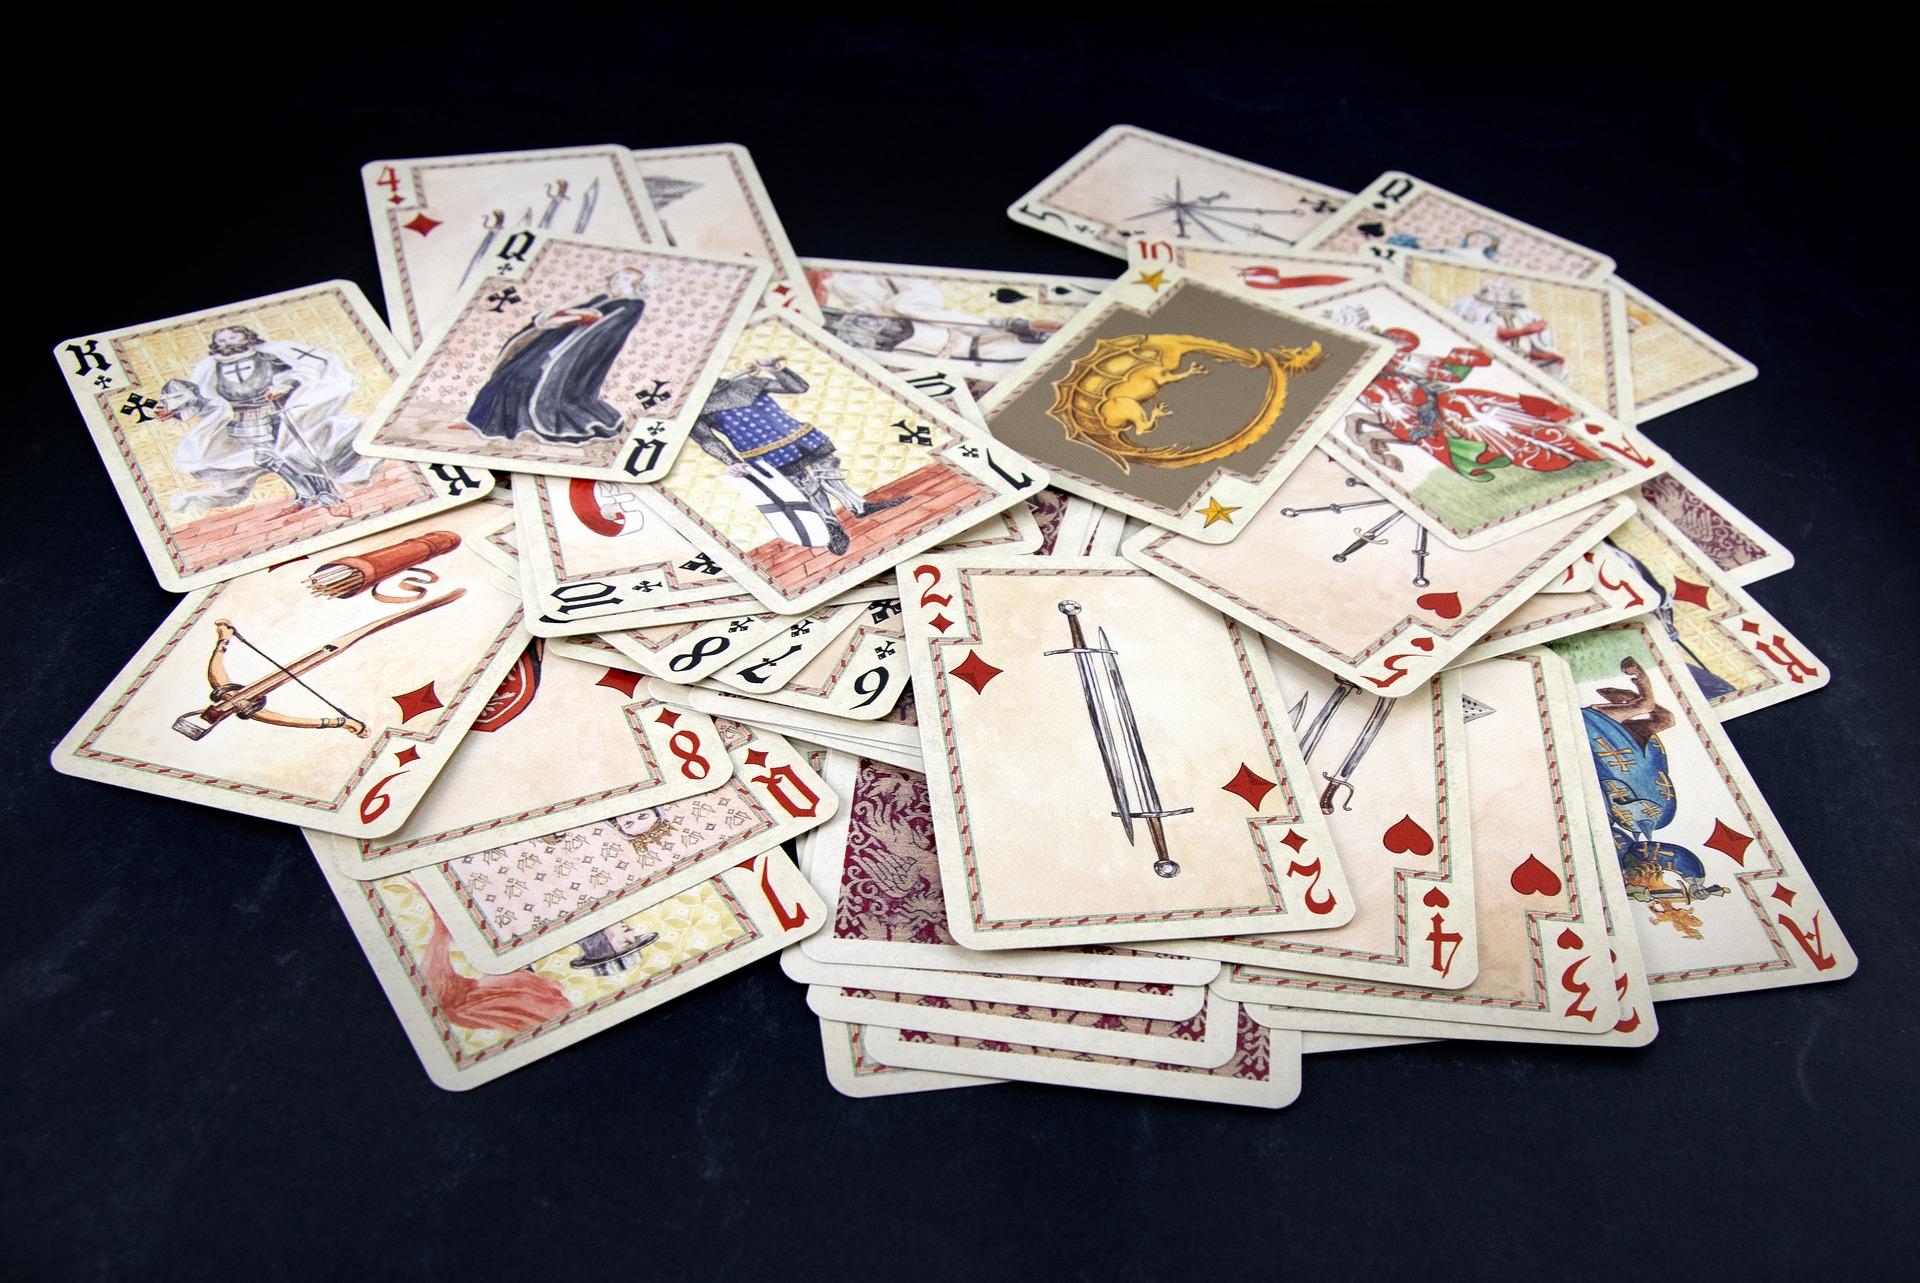 Jak przedstawia się hazard w różnych kulturach